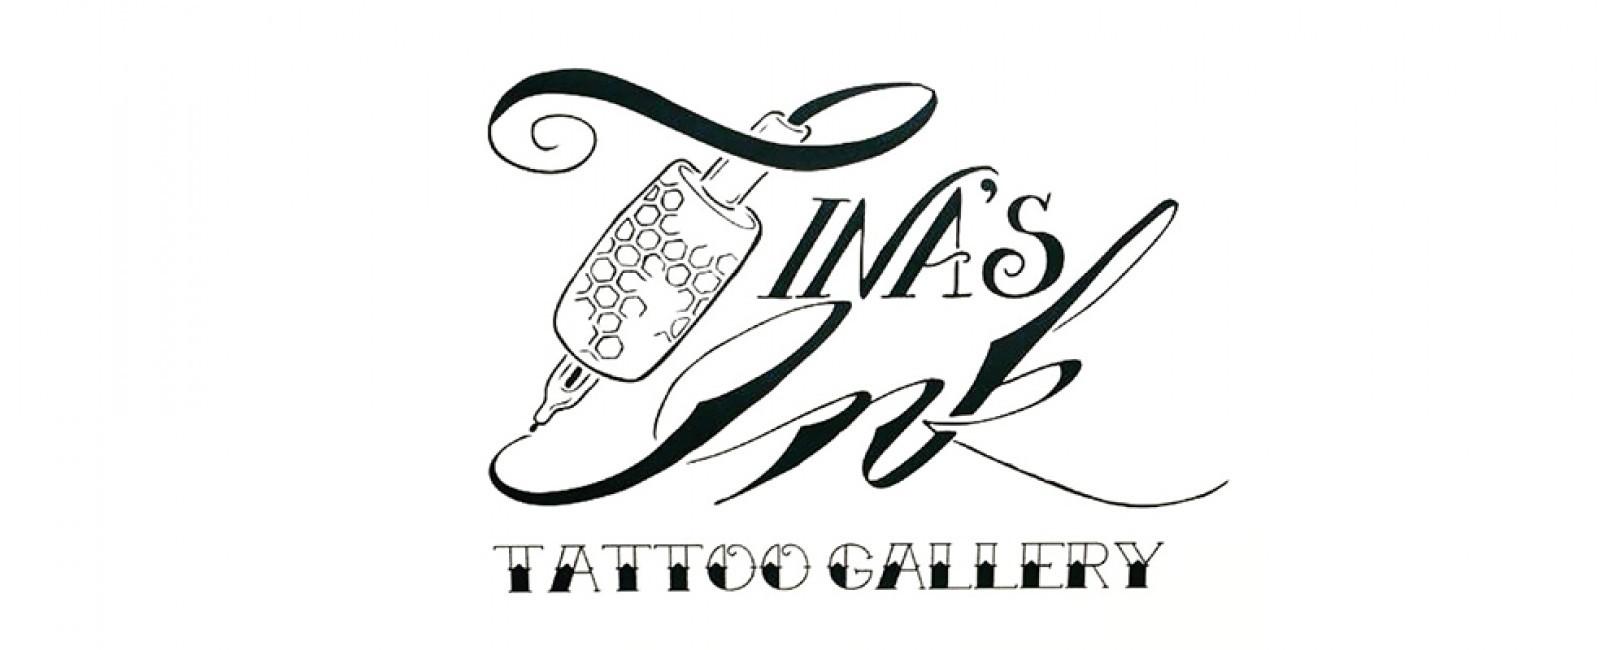 Tina's Ink